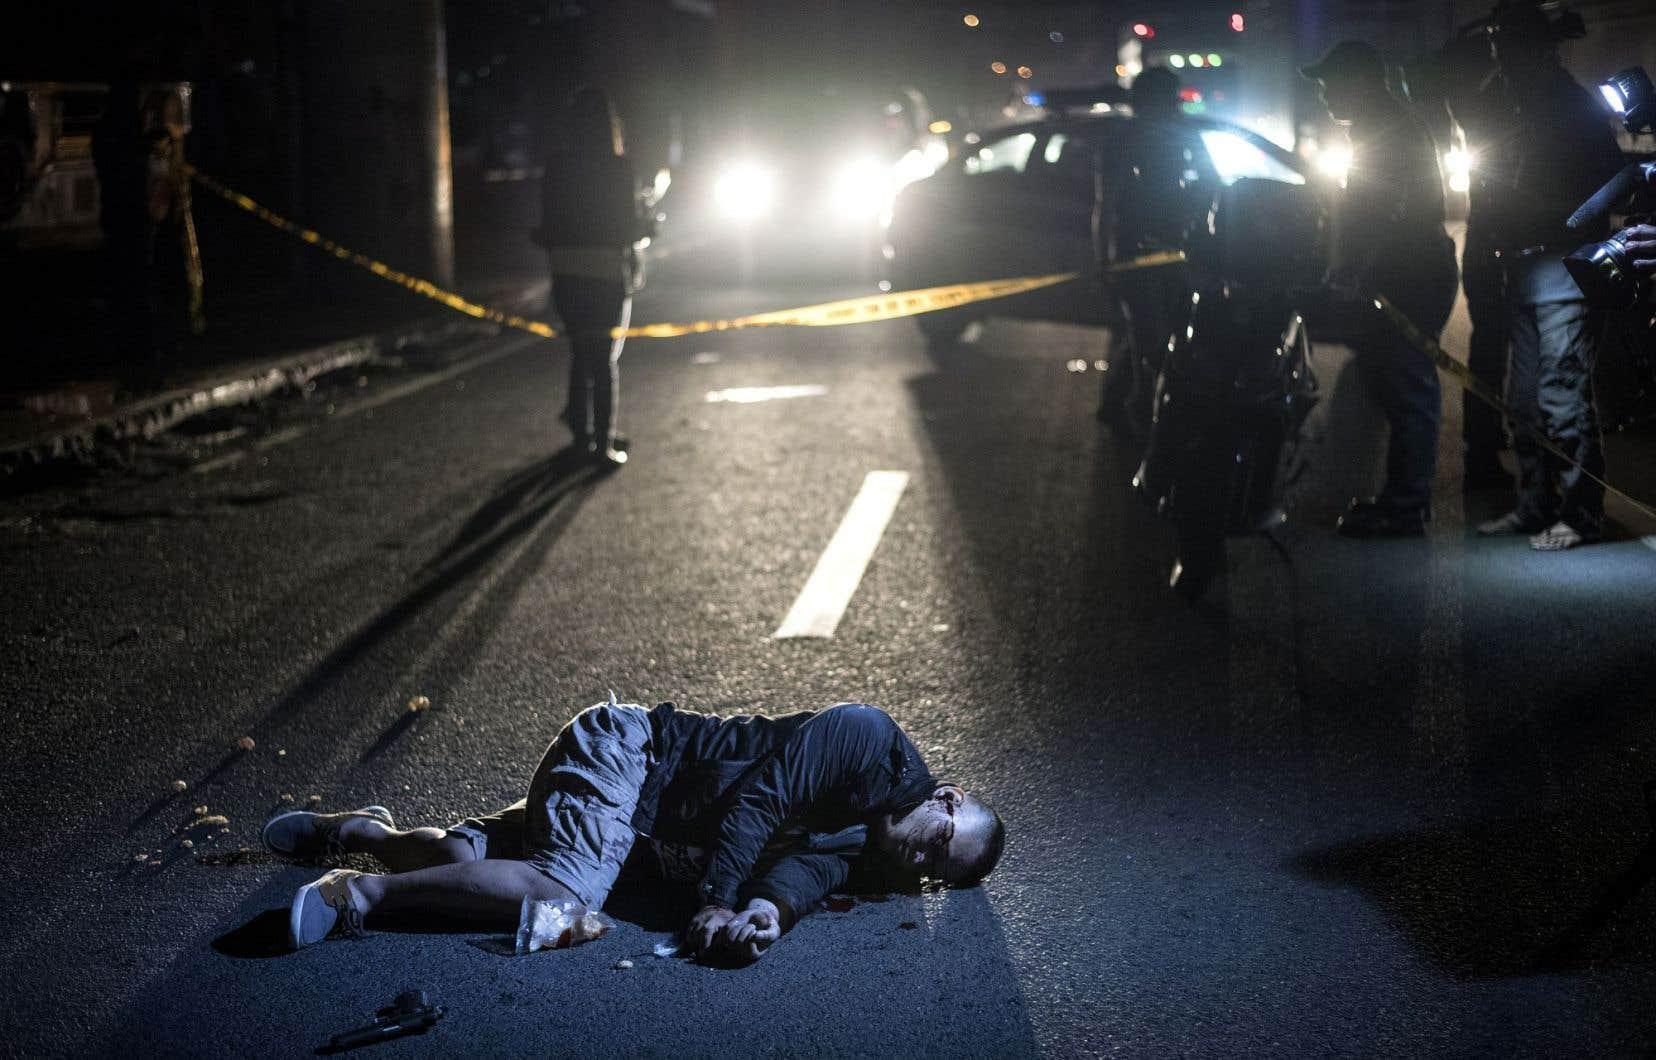 Le corps d'un présumé trafiquant de drogue jonche le sol suite à une opération anti-drogue de la police à Manille le 17 août 2017.